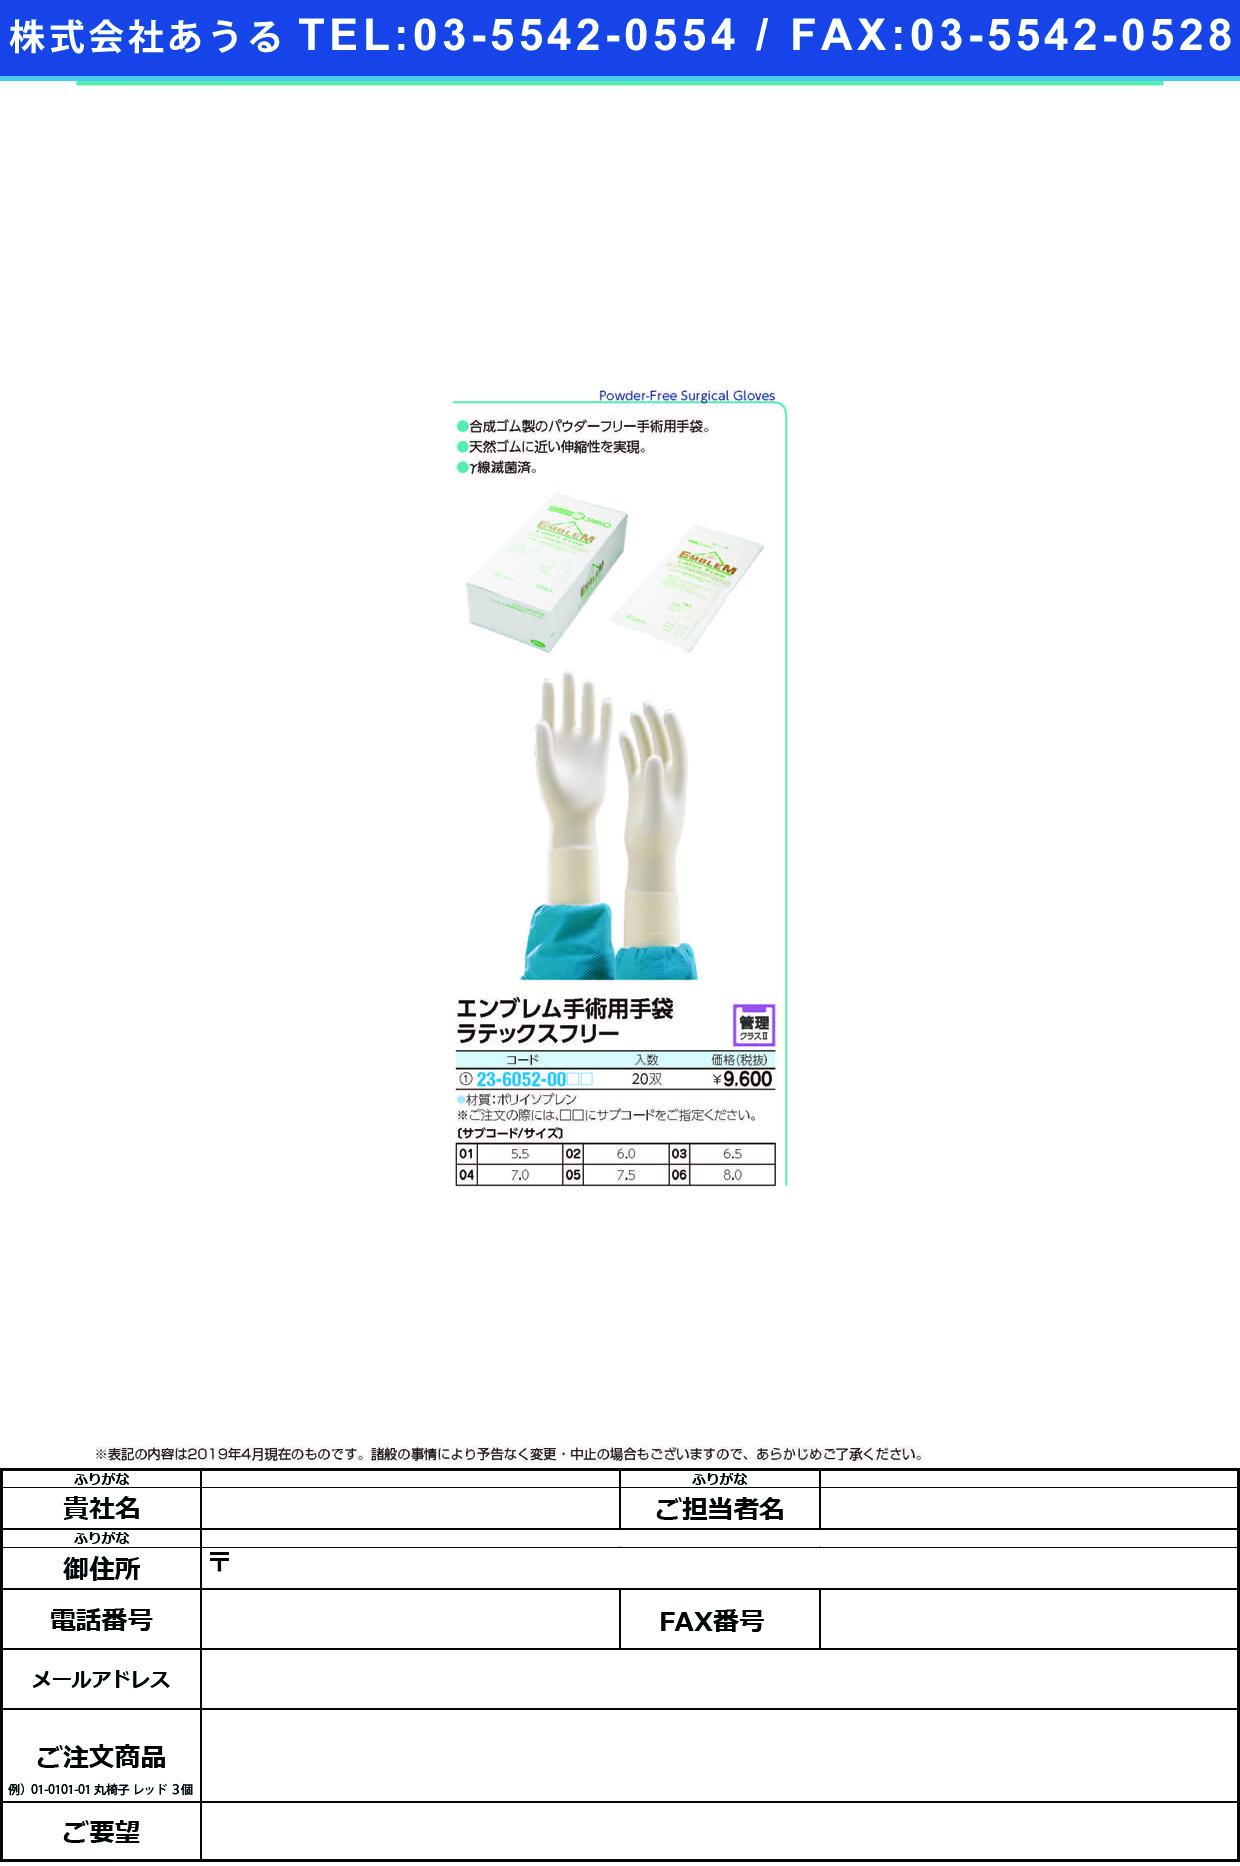 (23-6052-00)エンブレム手術用手袋ラテックスフリー 20ソウイリ エンブレムラテックスフリー 5.5(三興化学工業)【1箱単位】【2019年カタログ商品】